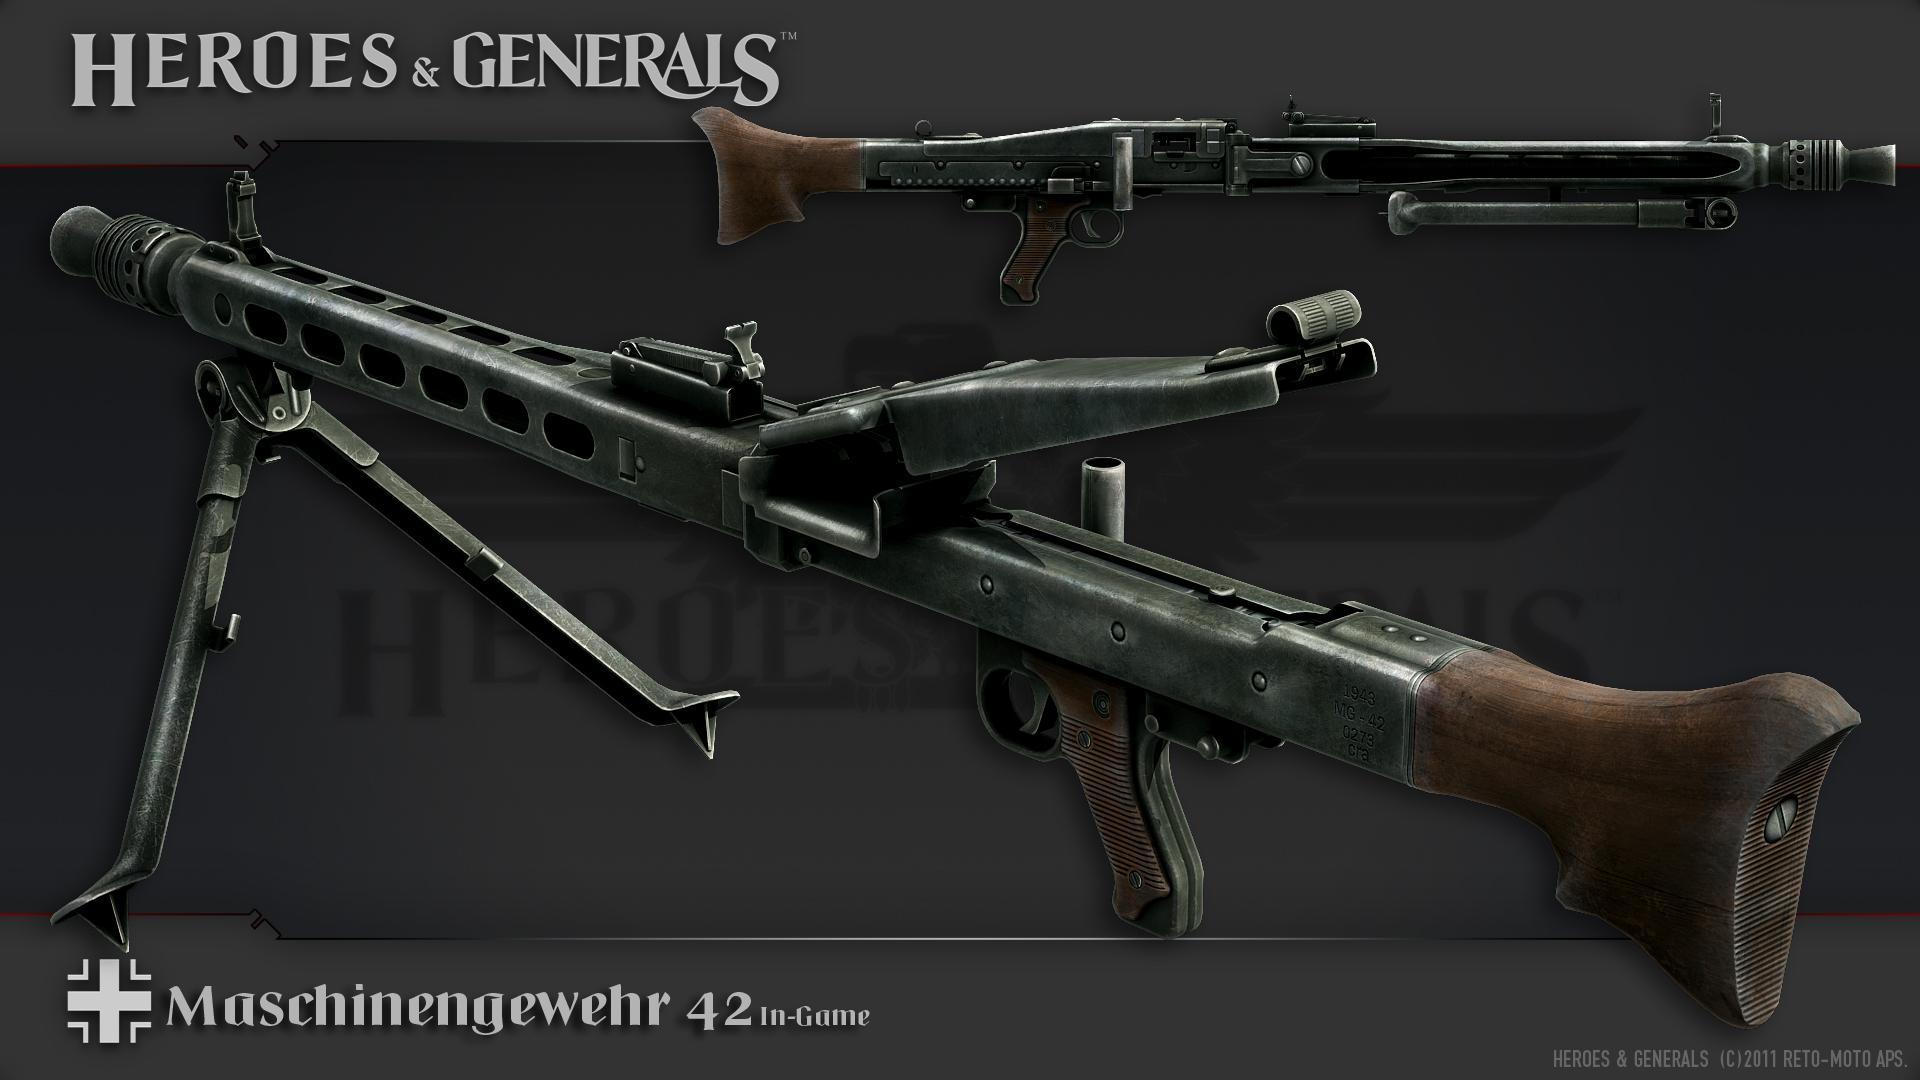 Maschinegewehr 42 Wallpaper: Maschinengewehr 42 Image